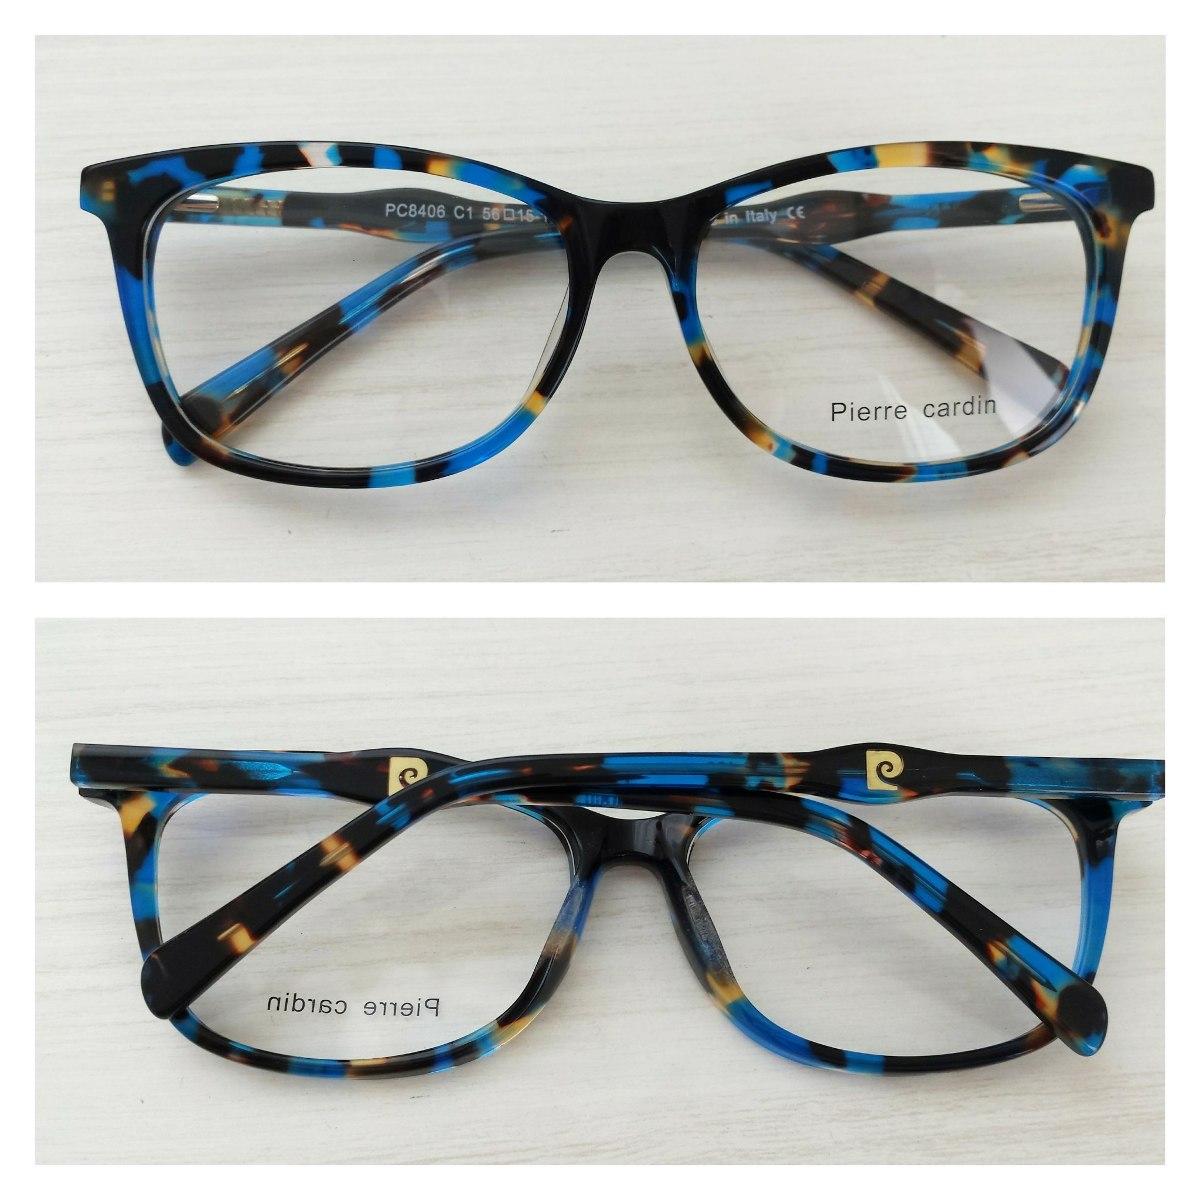 Marcas De Oculos De Grau   Louisiana Bucket Brigade 3125409e4b